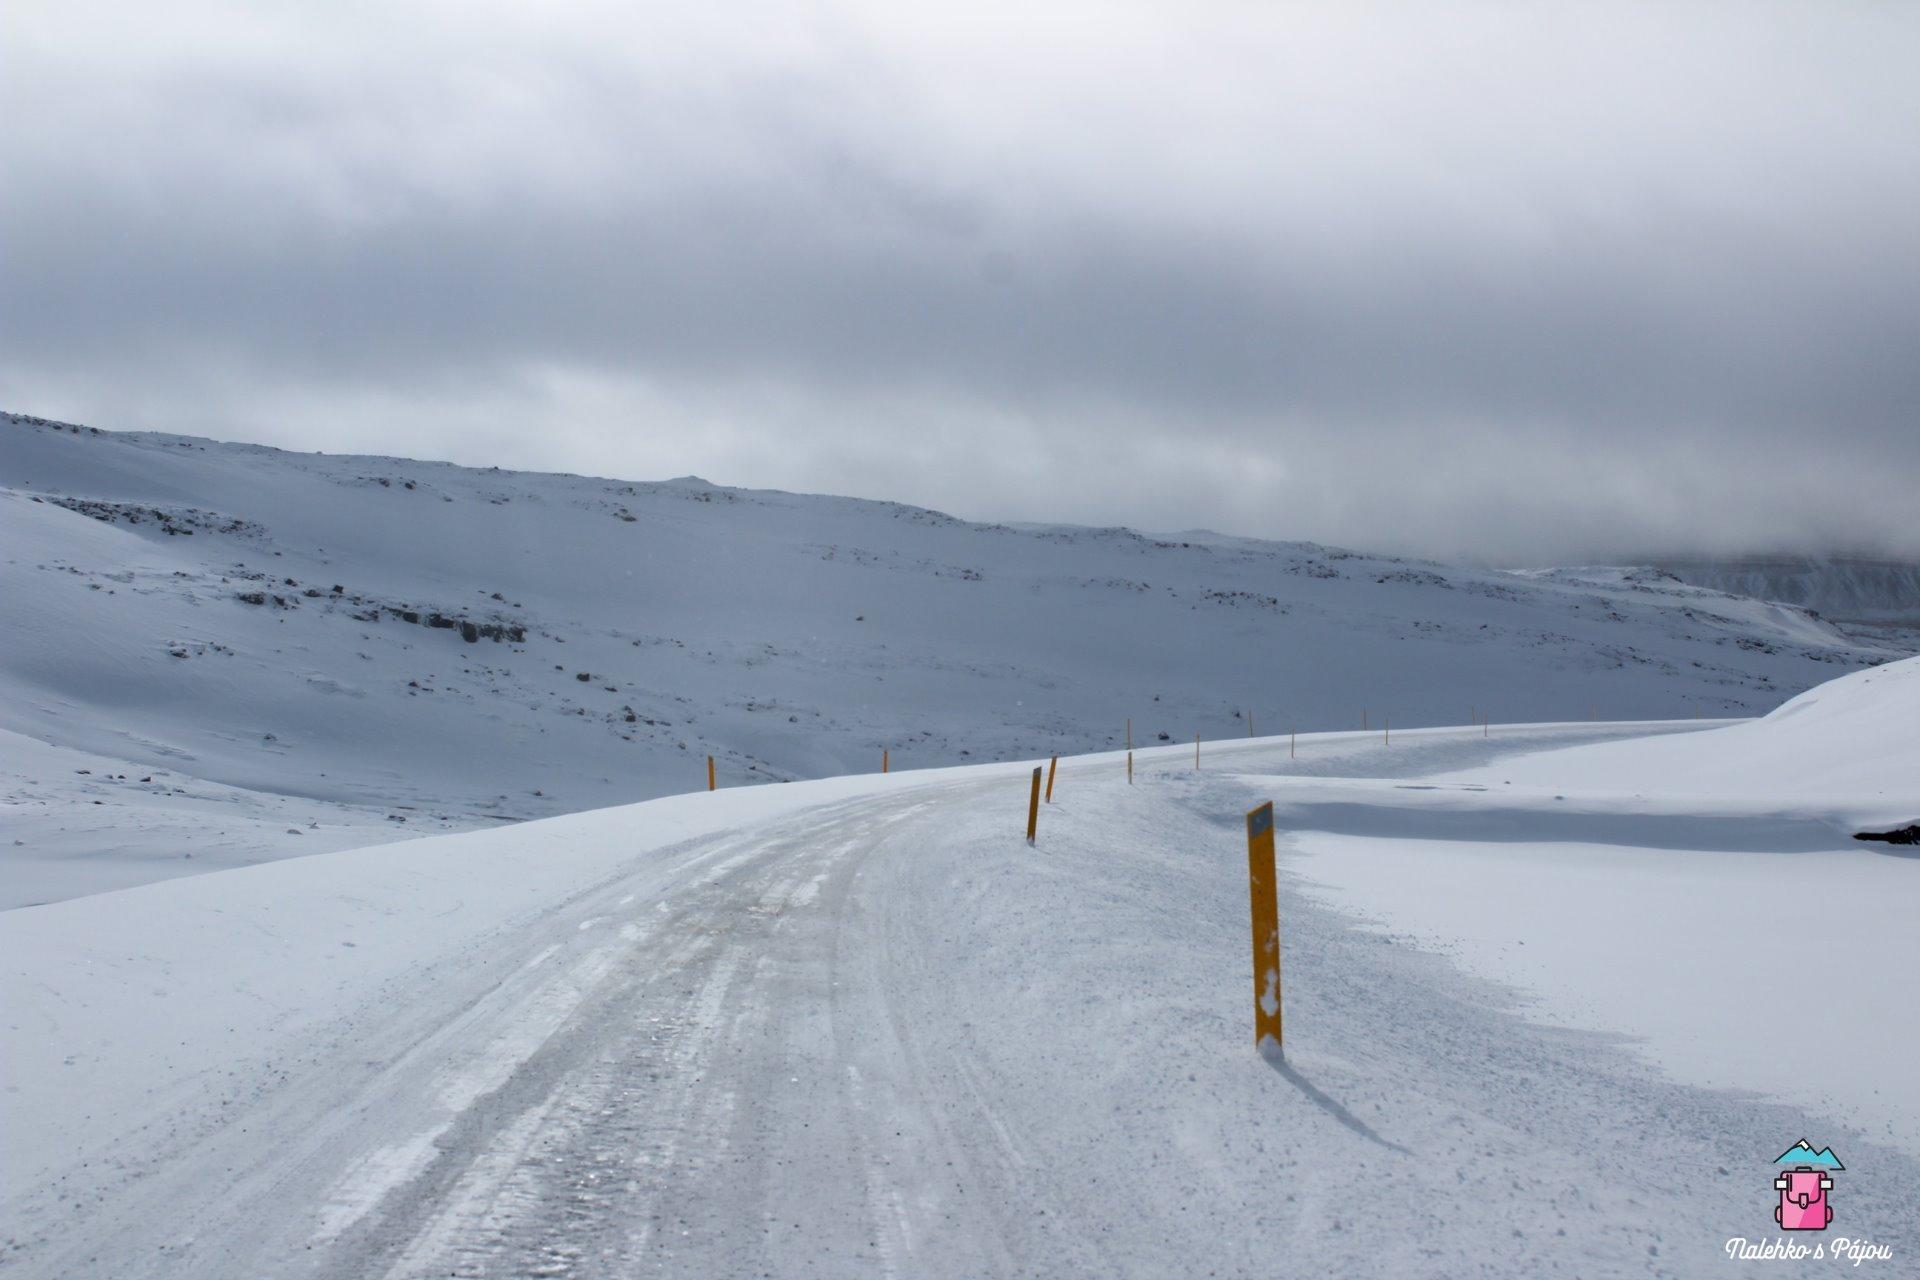 Otevřená silnice, která ani nebyla vidět